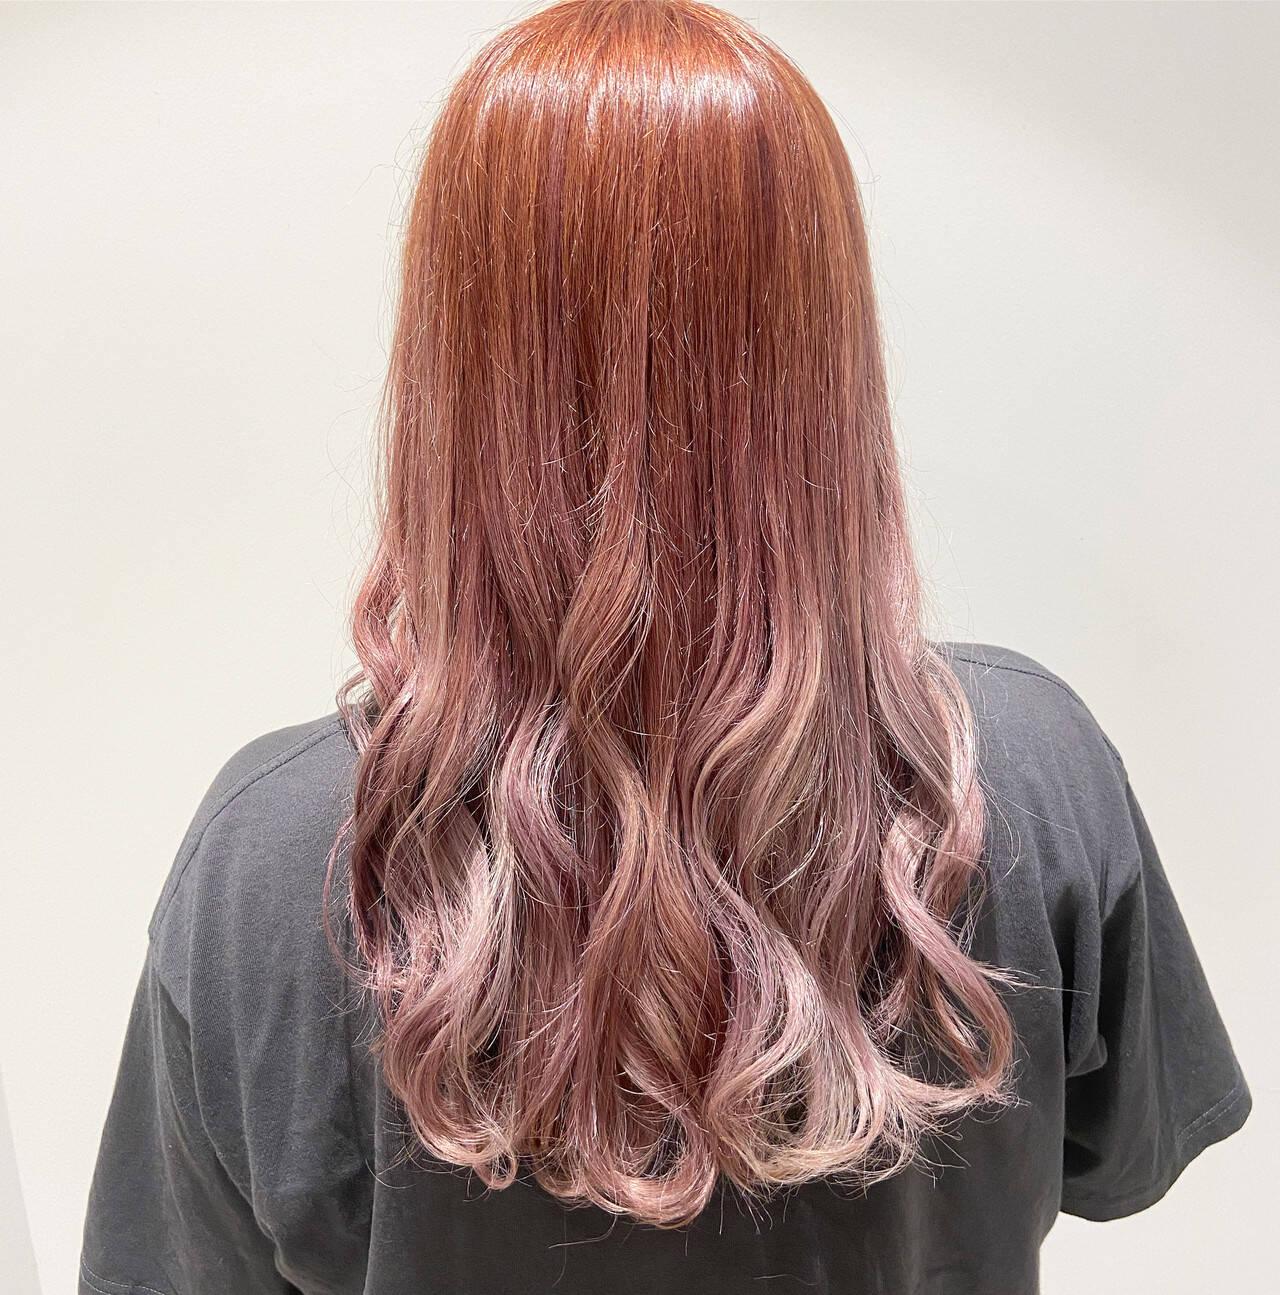 ピンクバイオレット ピンクベージュ ラベンダーピンク ガーリーヘアスタイルや髪型の写真・画像